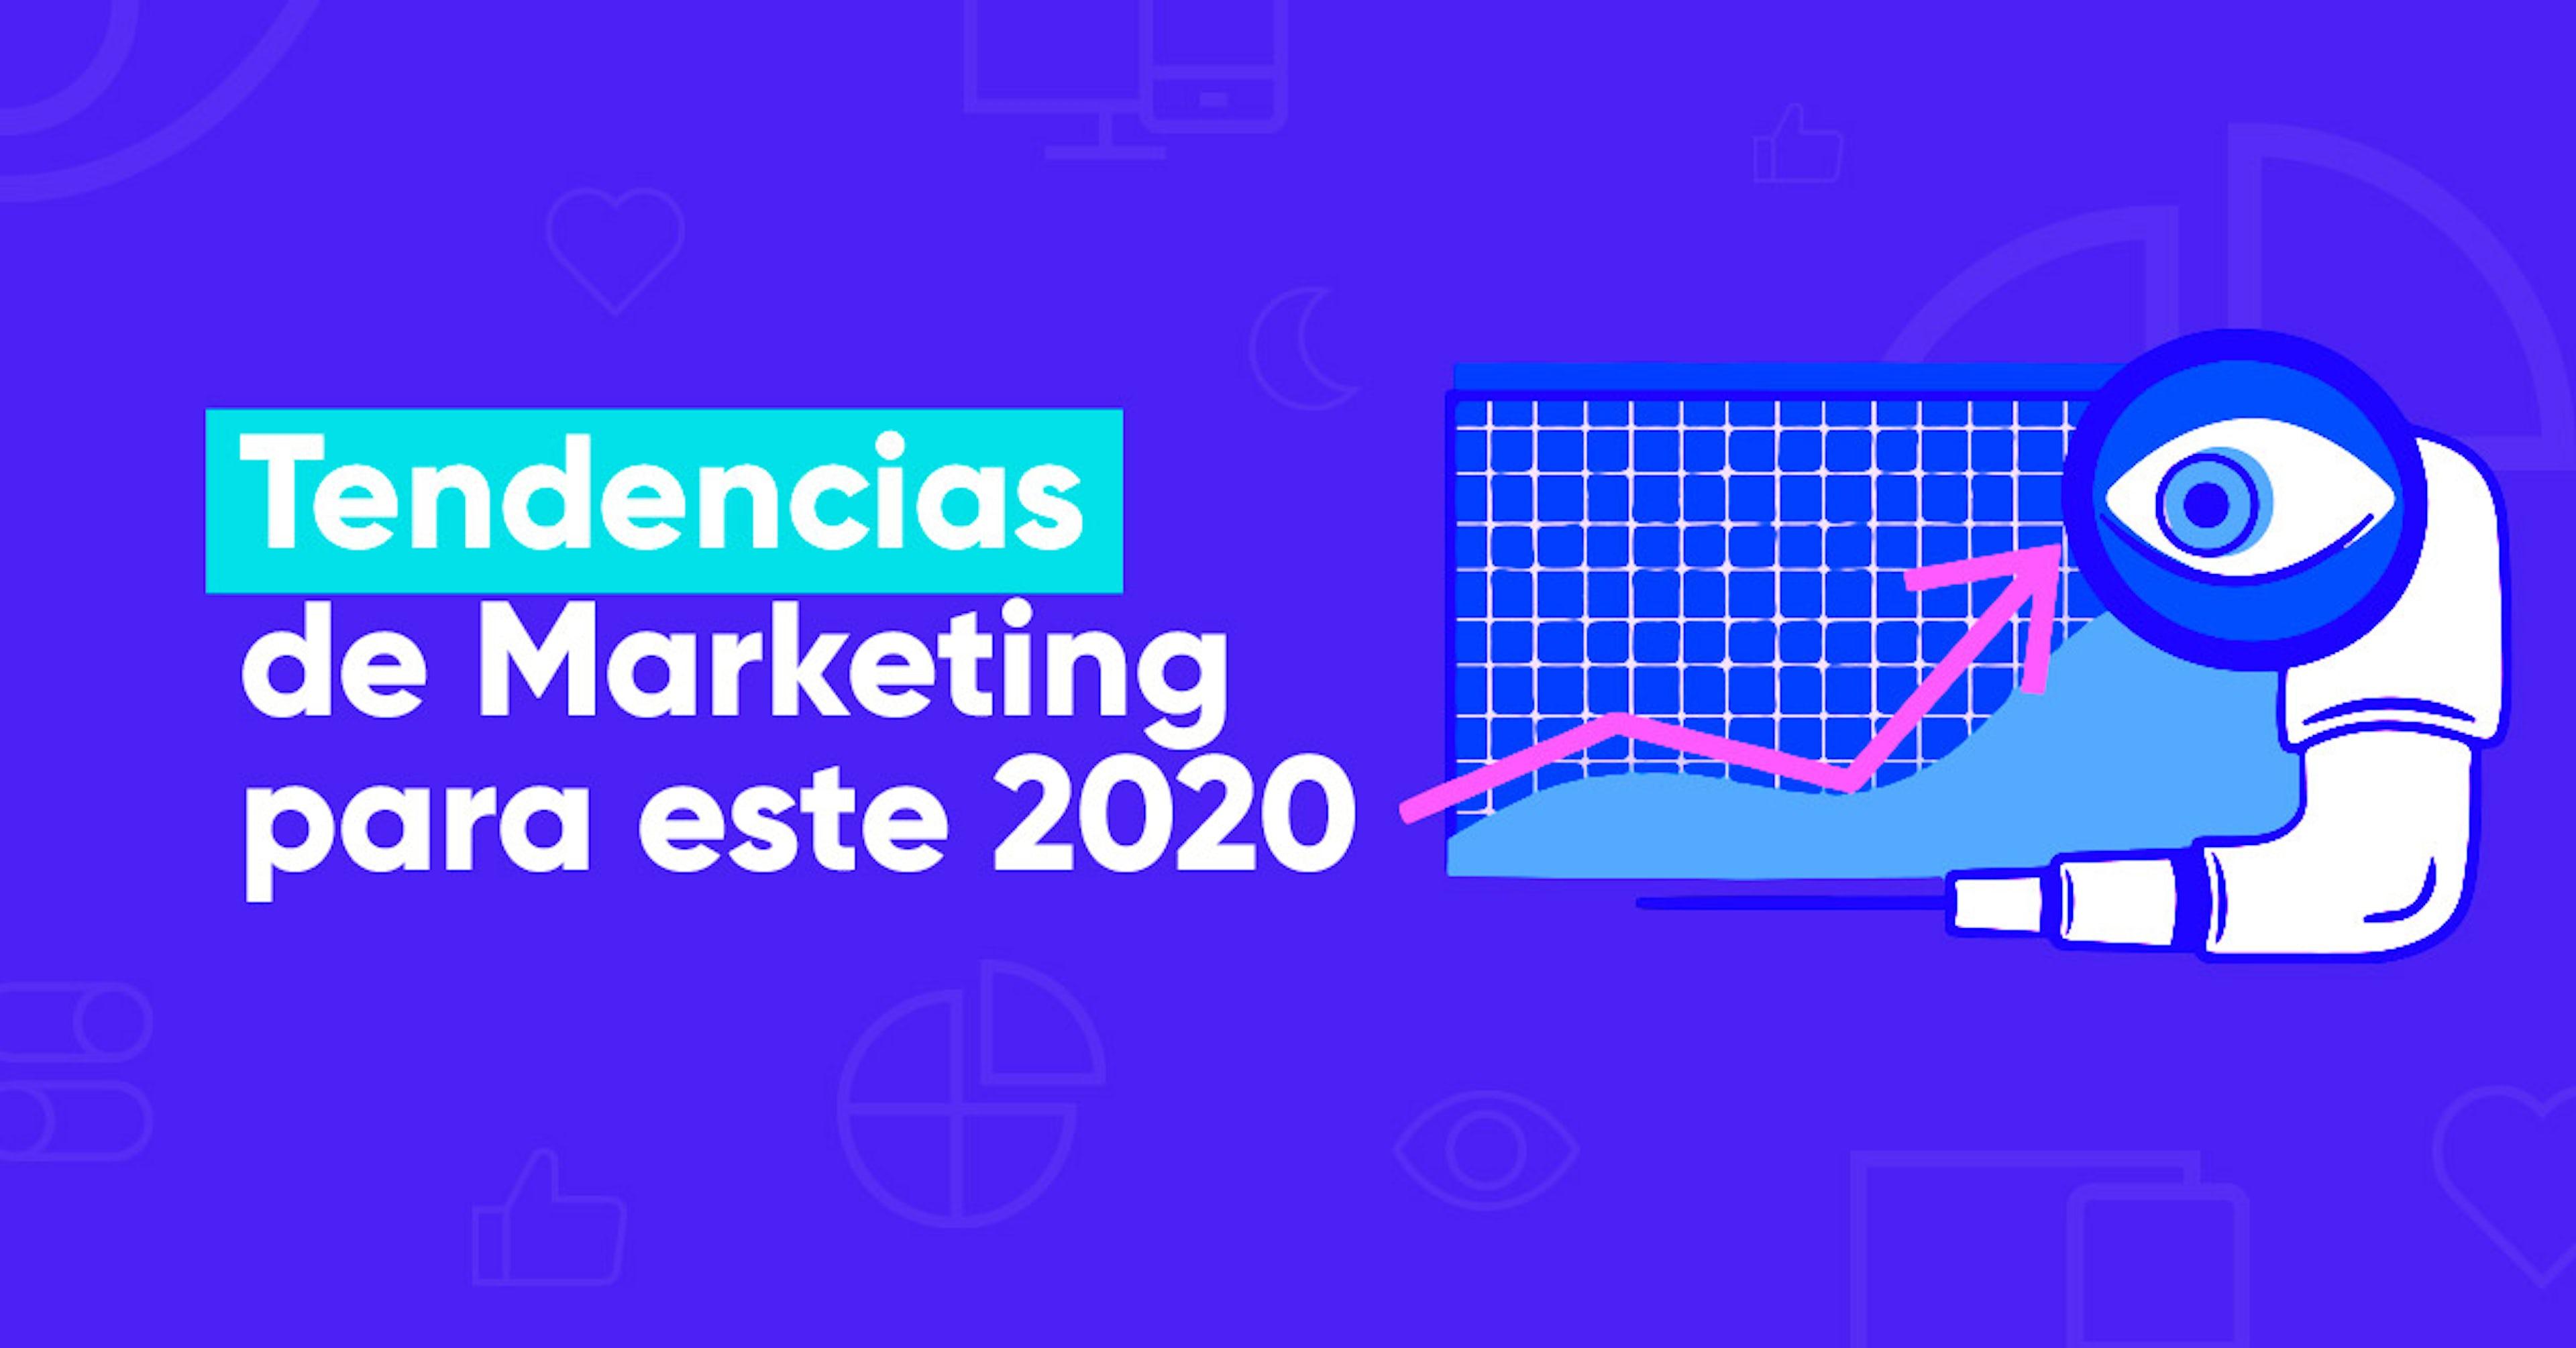 Estas son las tendencias de marketing 2020 que necesitas conocer